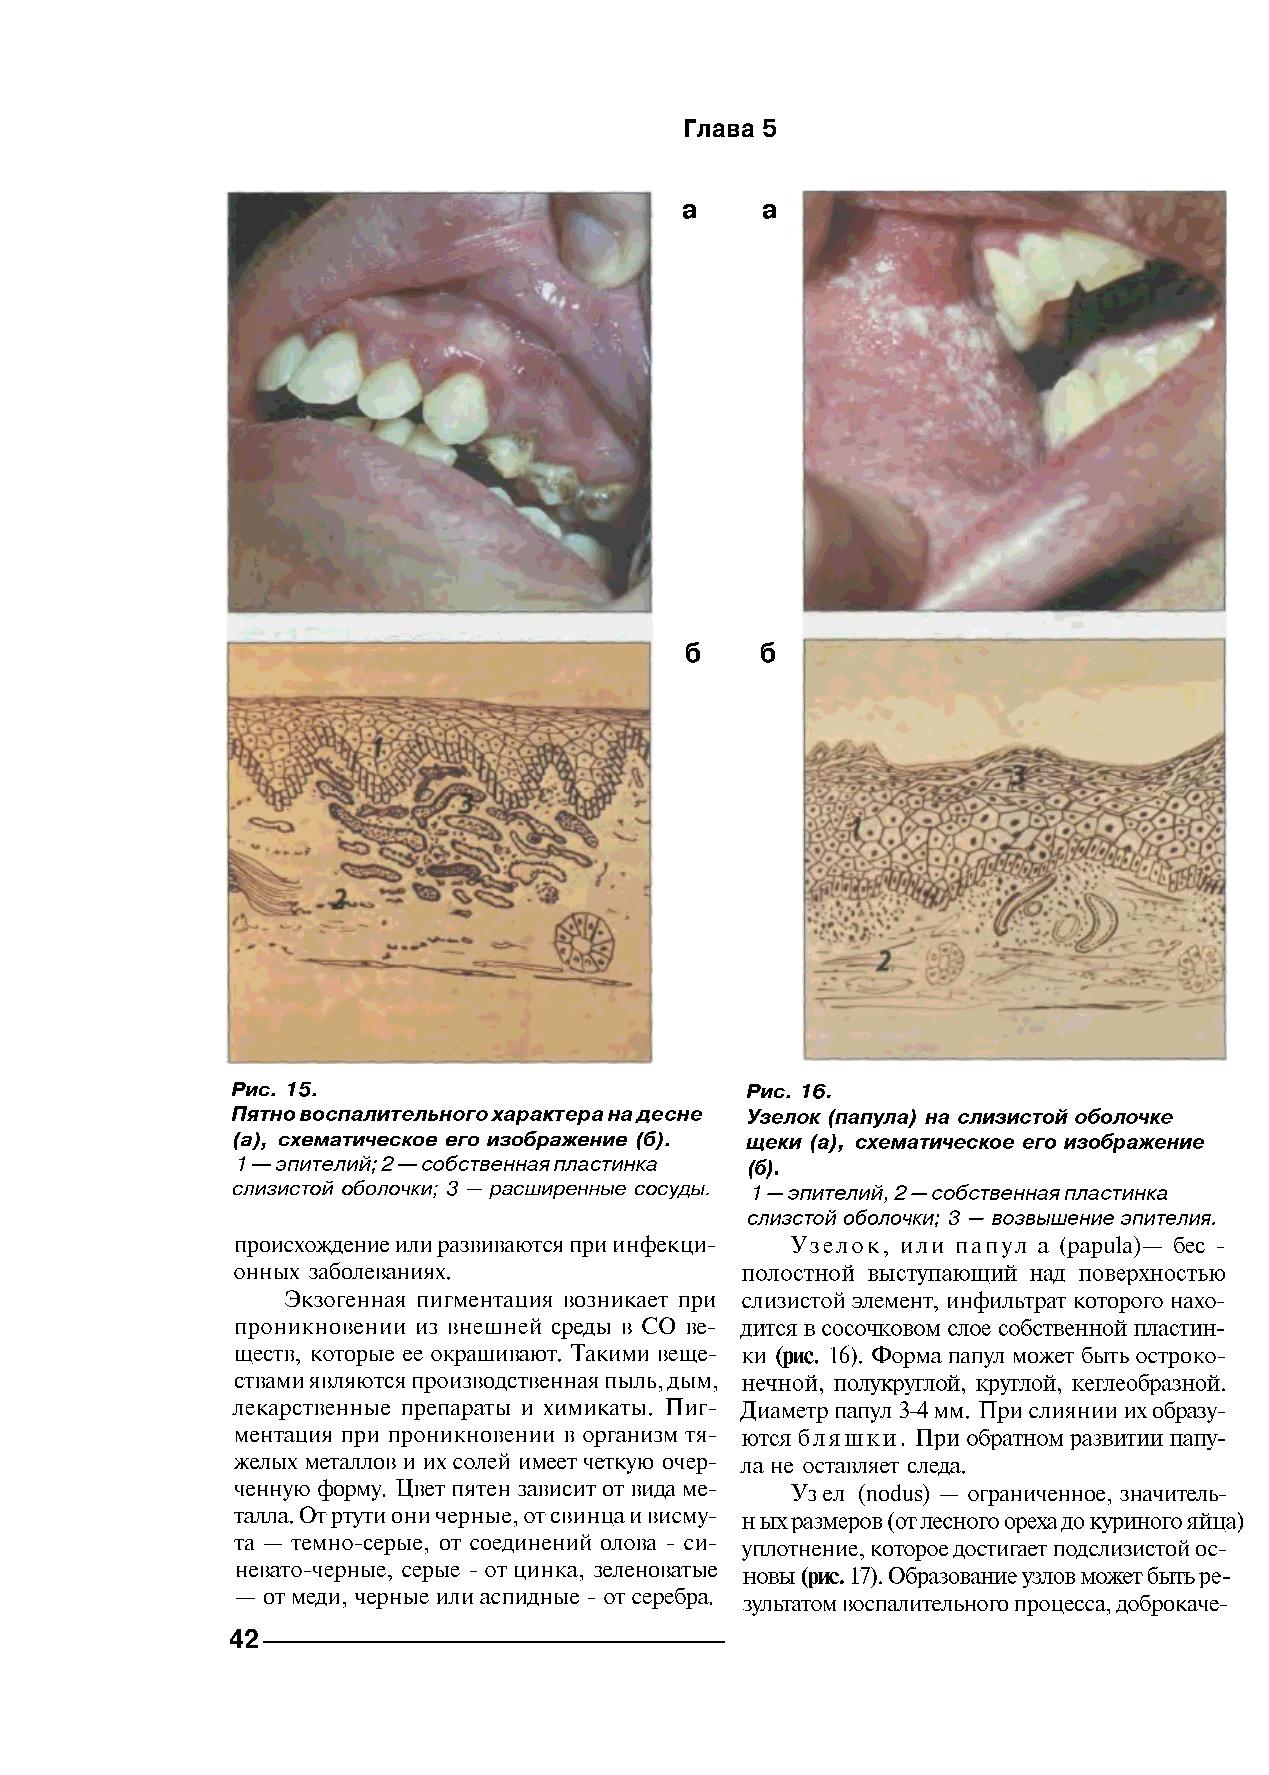 Предопухолевые заболевания слизистой оболочки полости рта